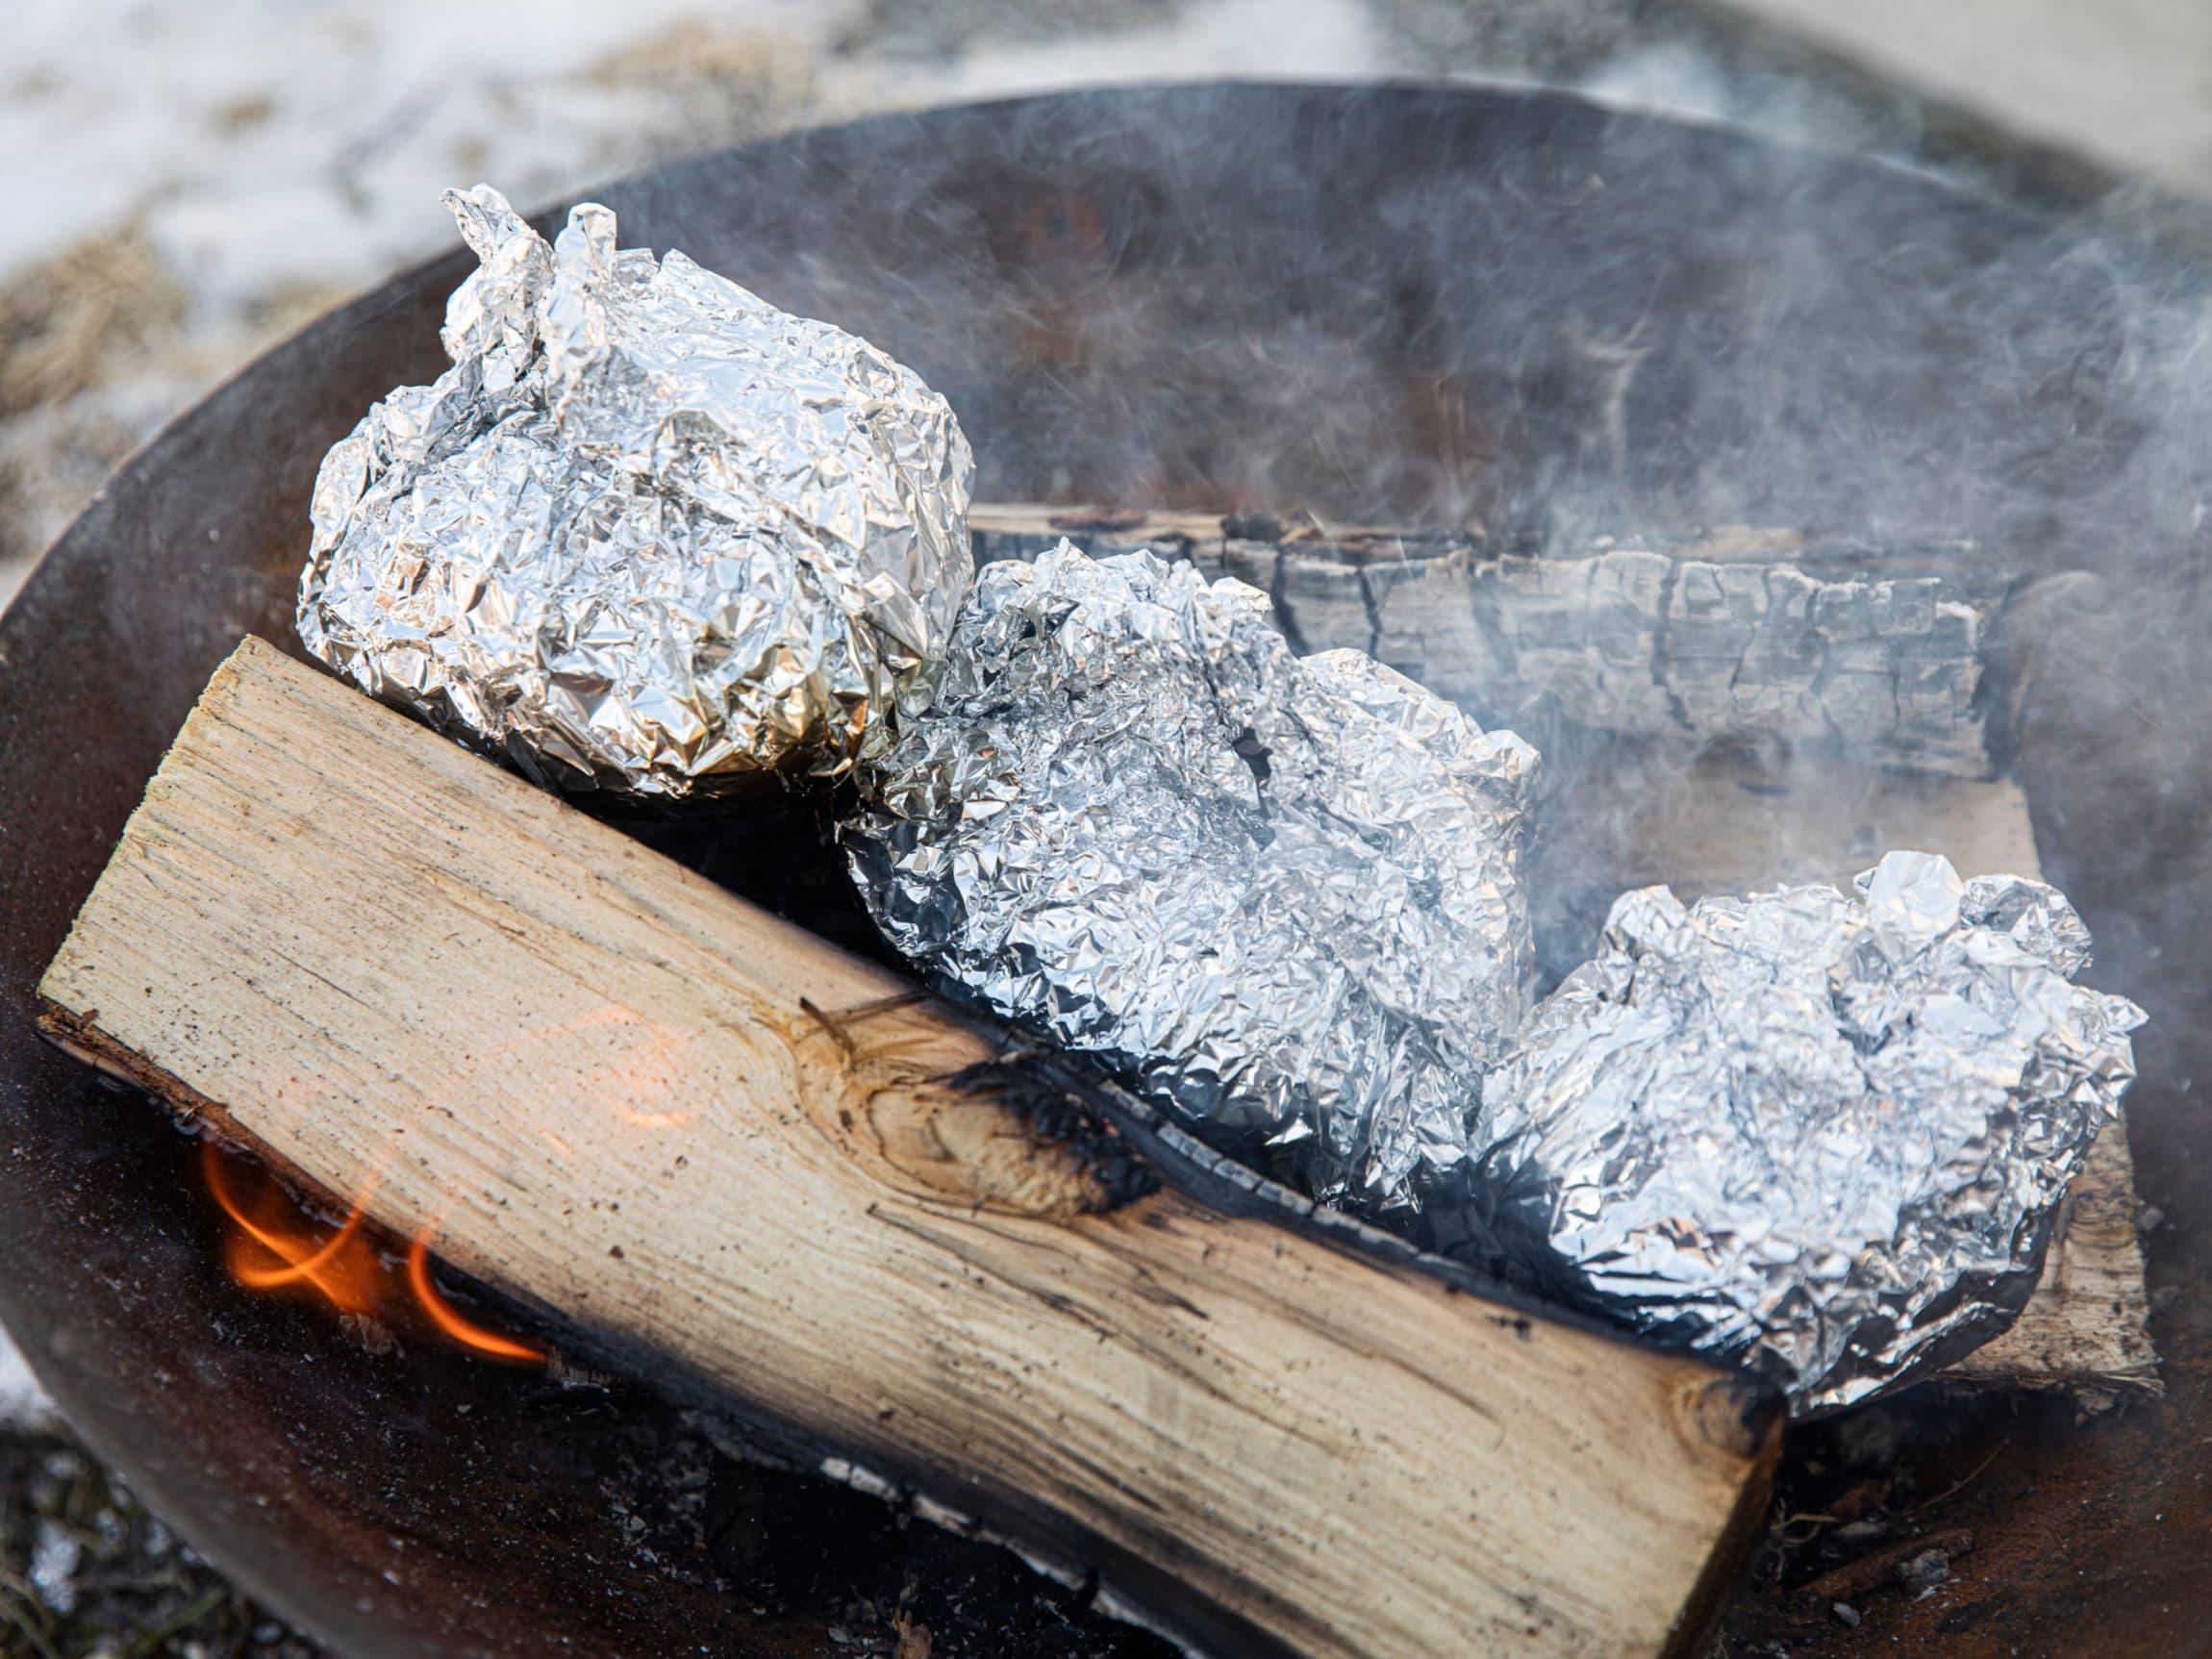 Bakt potet er perfekt på bålet, men kok den gjerne først - da tar det ikke så lang tid før den er ferdig.